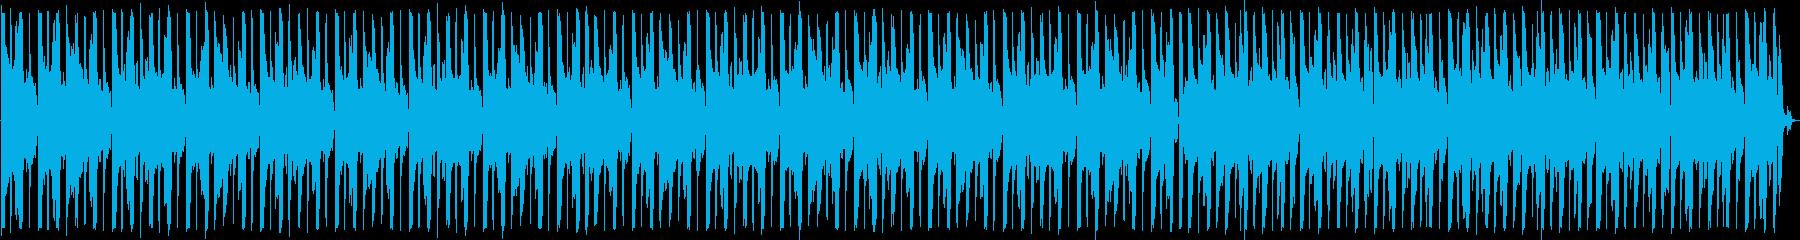 ゆったりとしたテクノ_No603_2の再生済みの波形